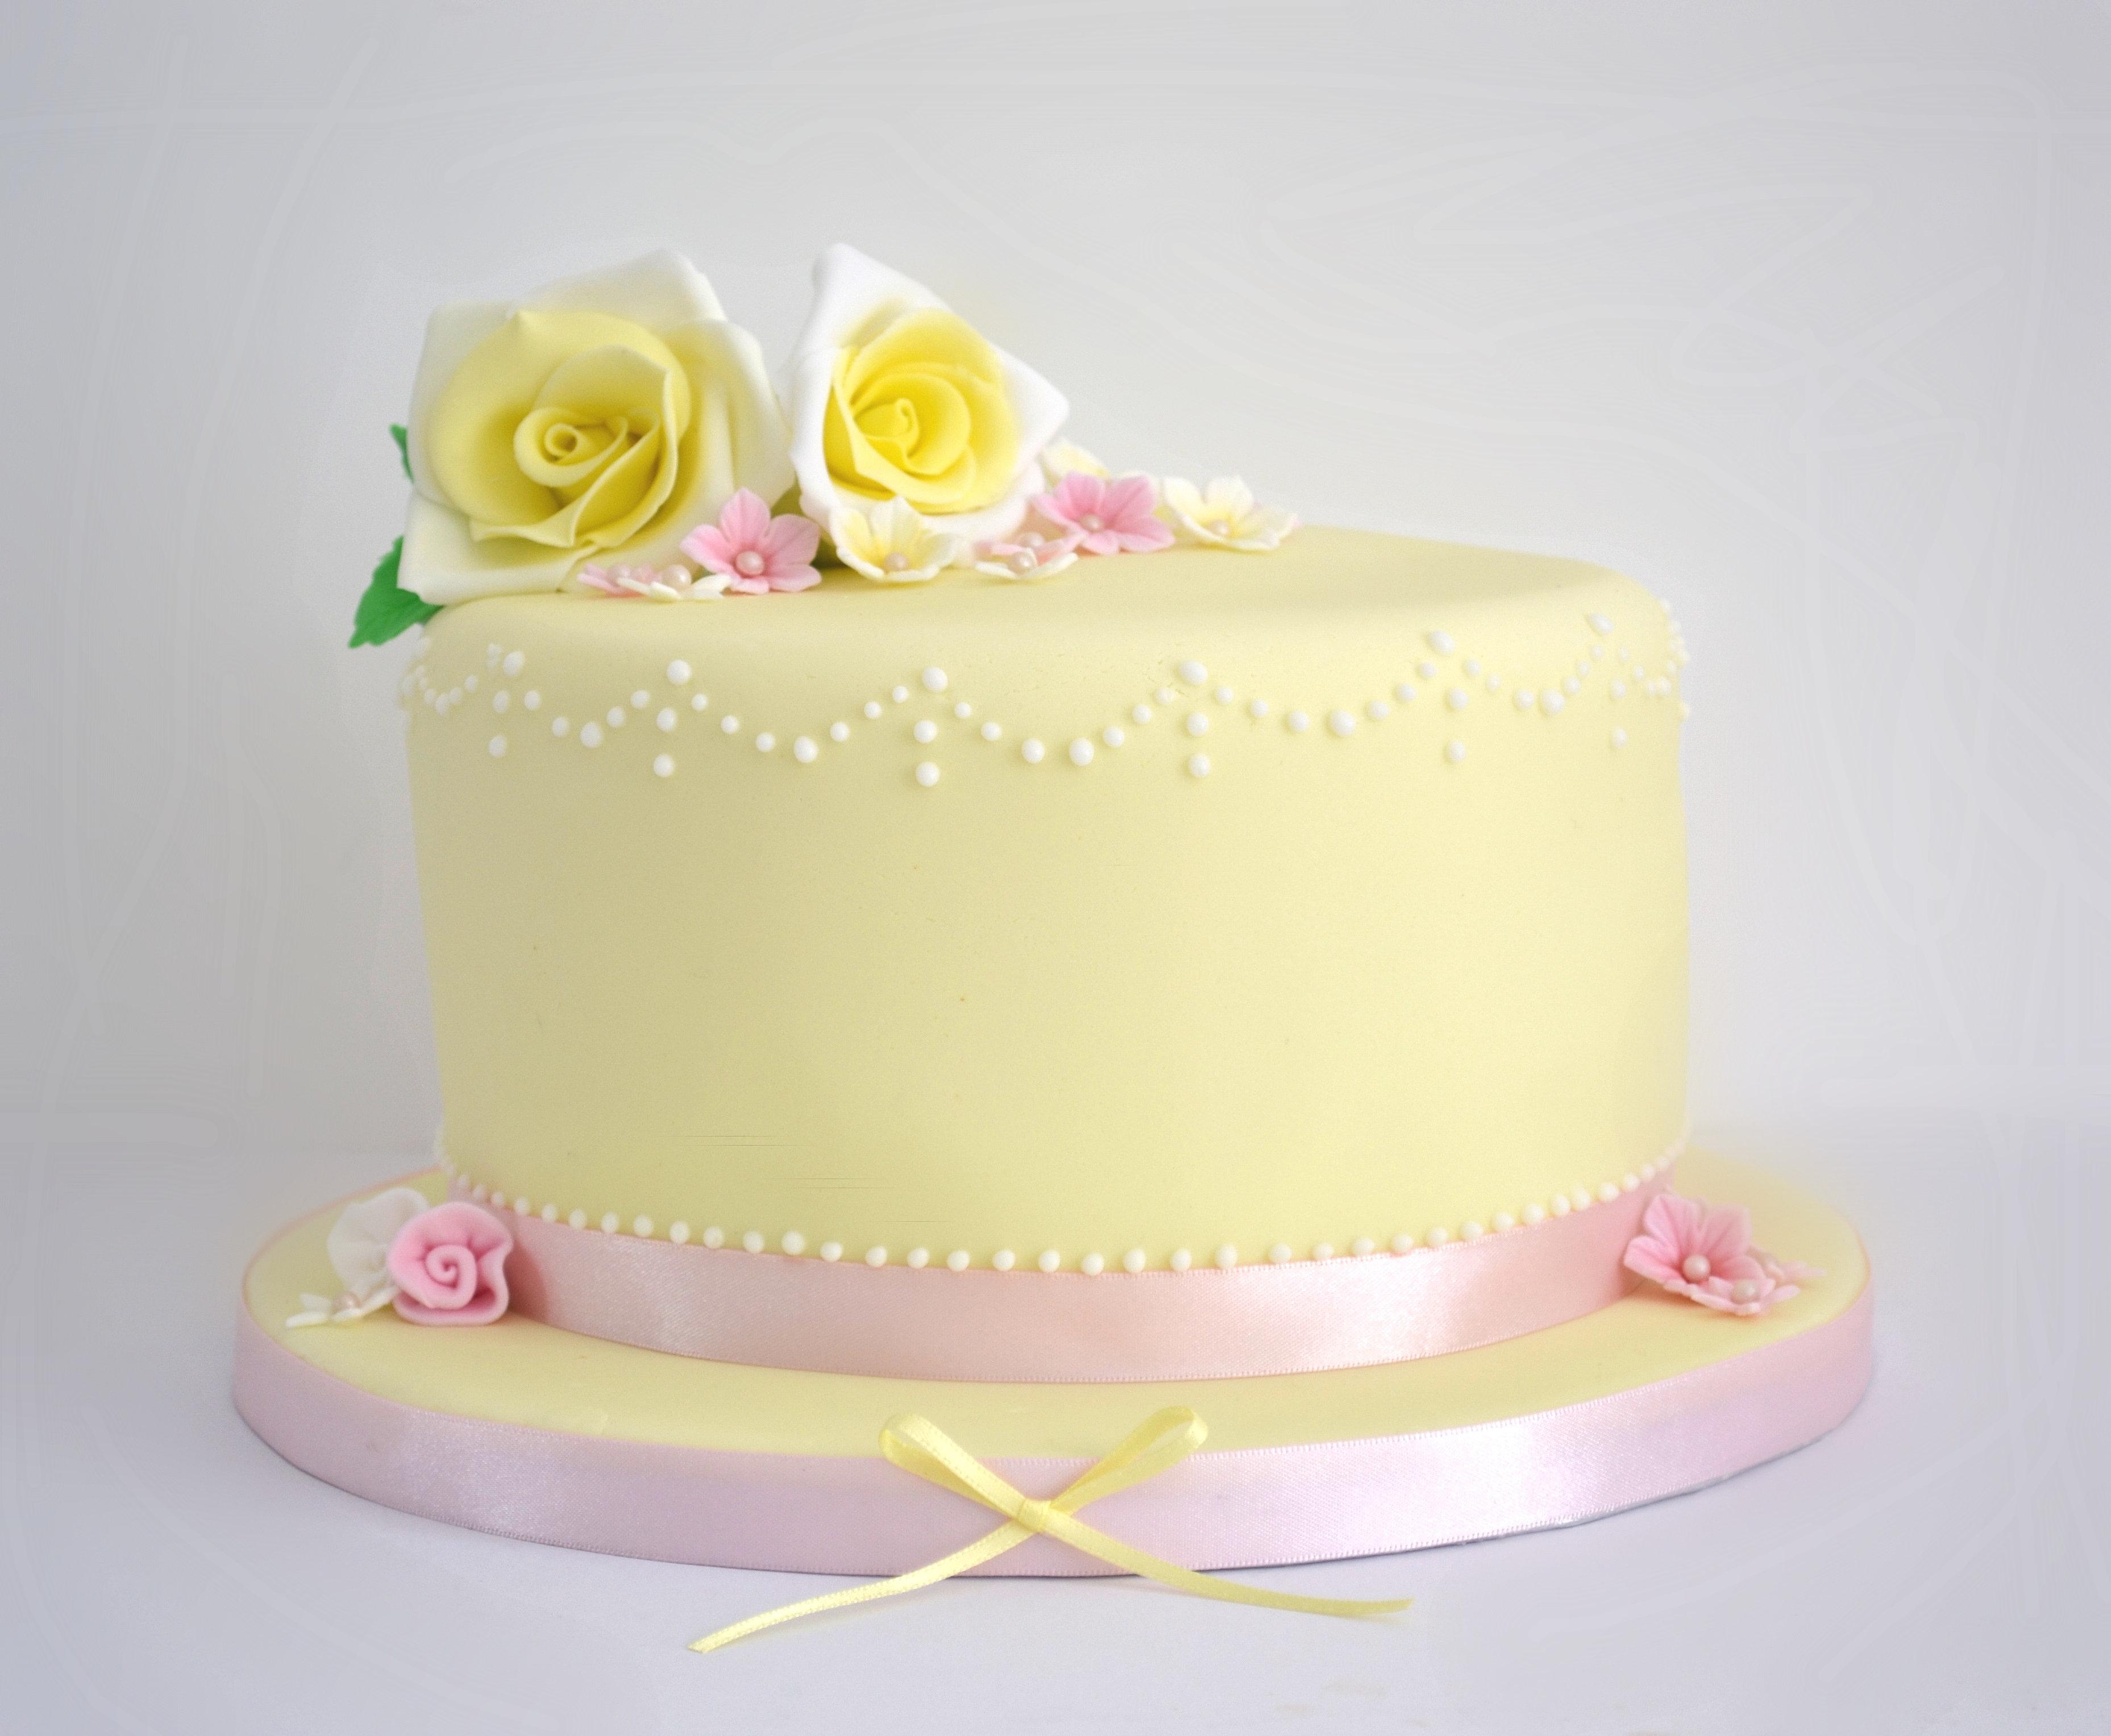 Pastel yellow birthday cake